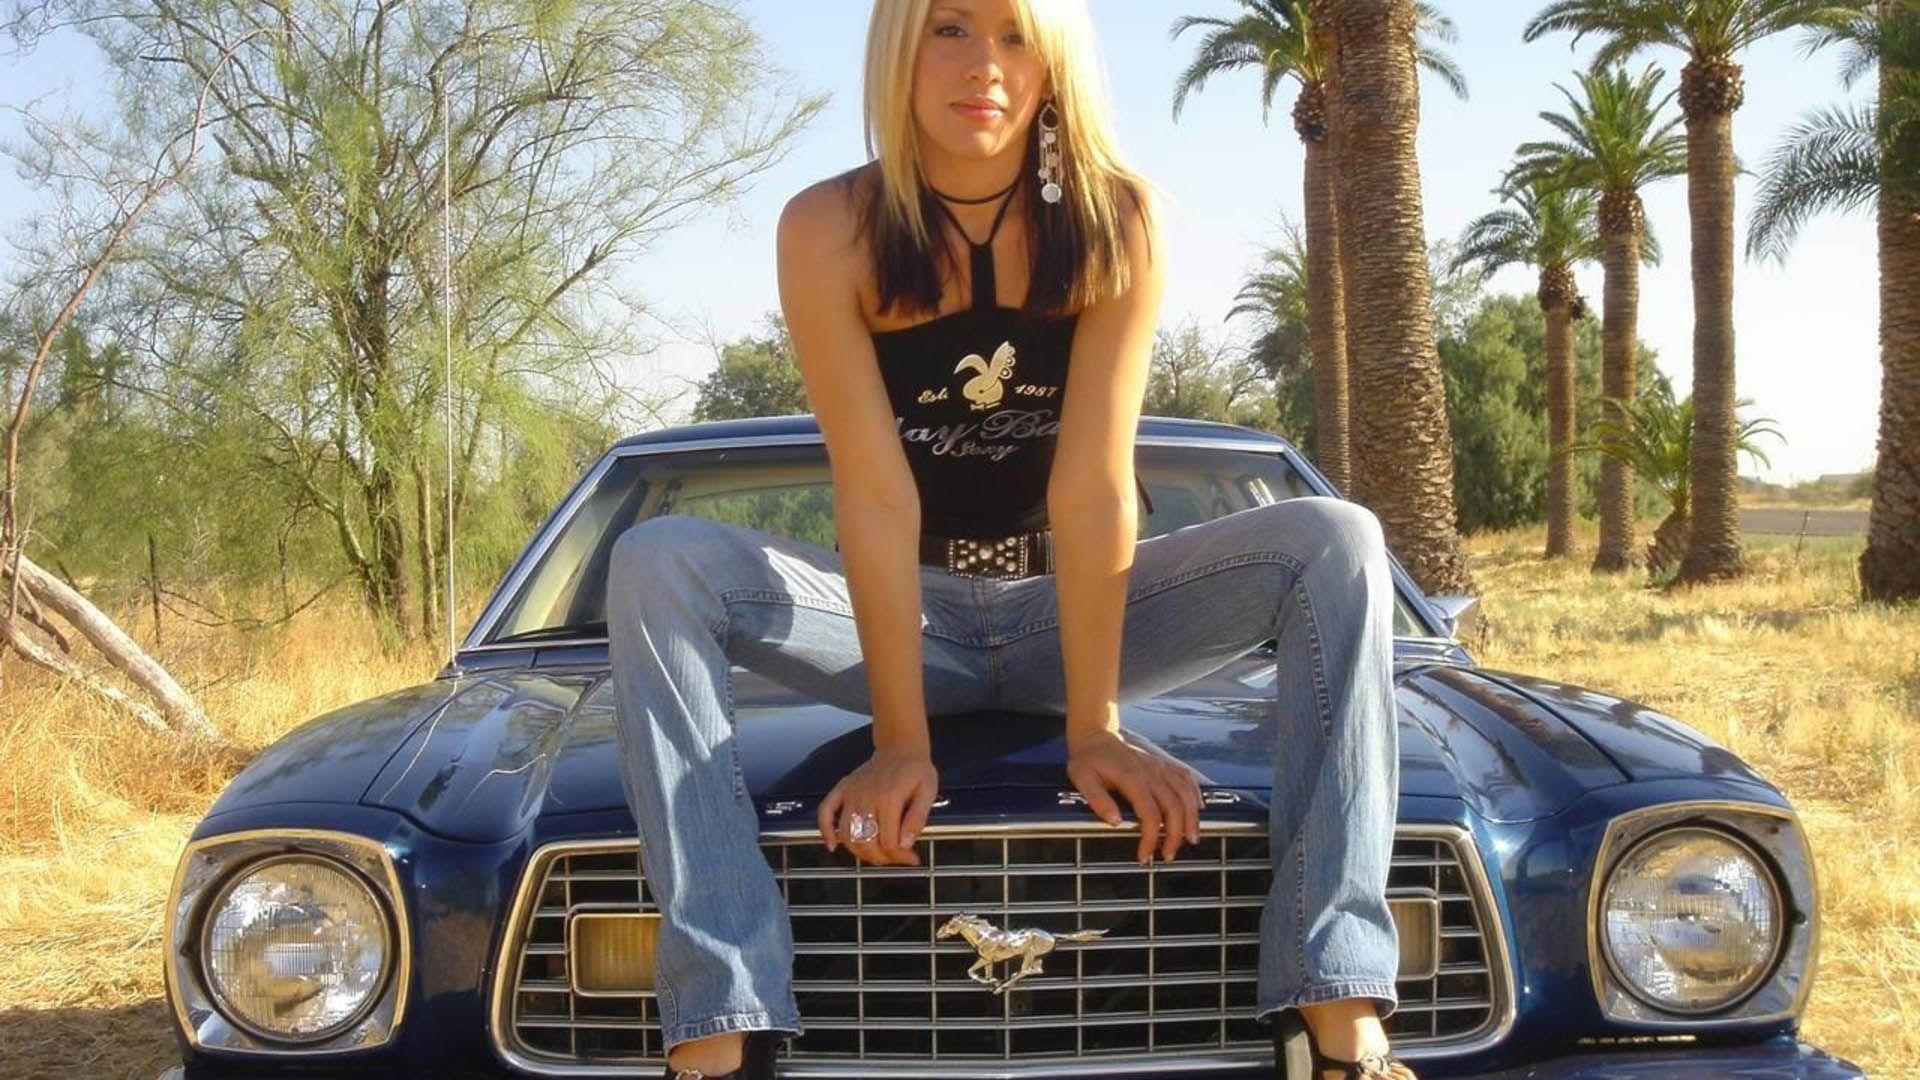 Http Goodolddaysforum Com Retro Pin Up Girls Pinterest Car